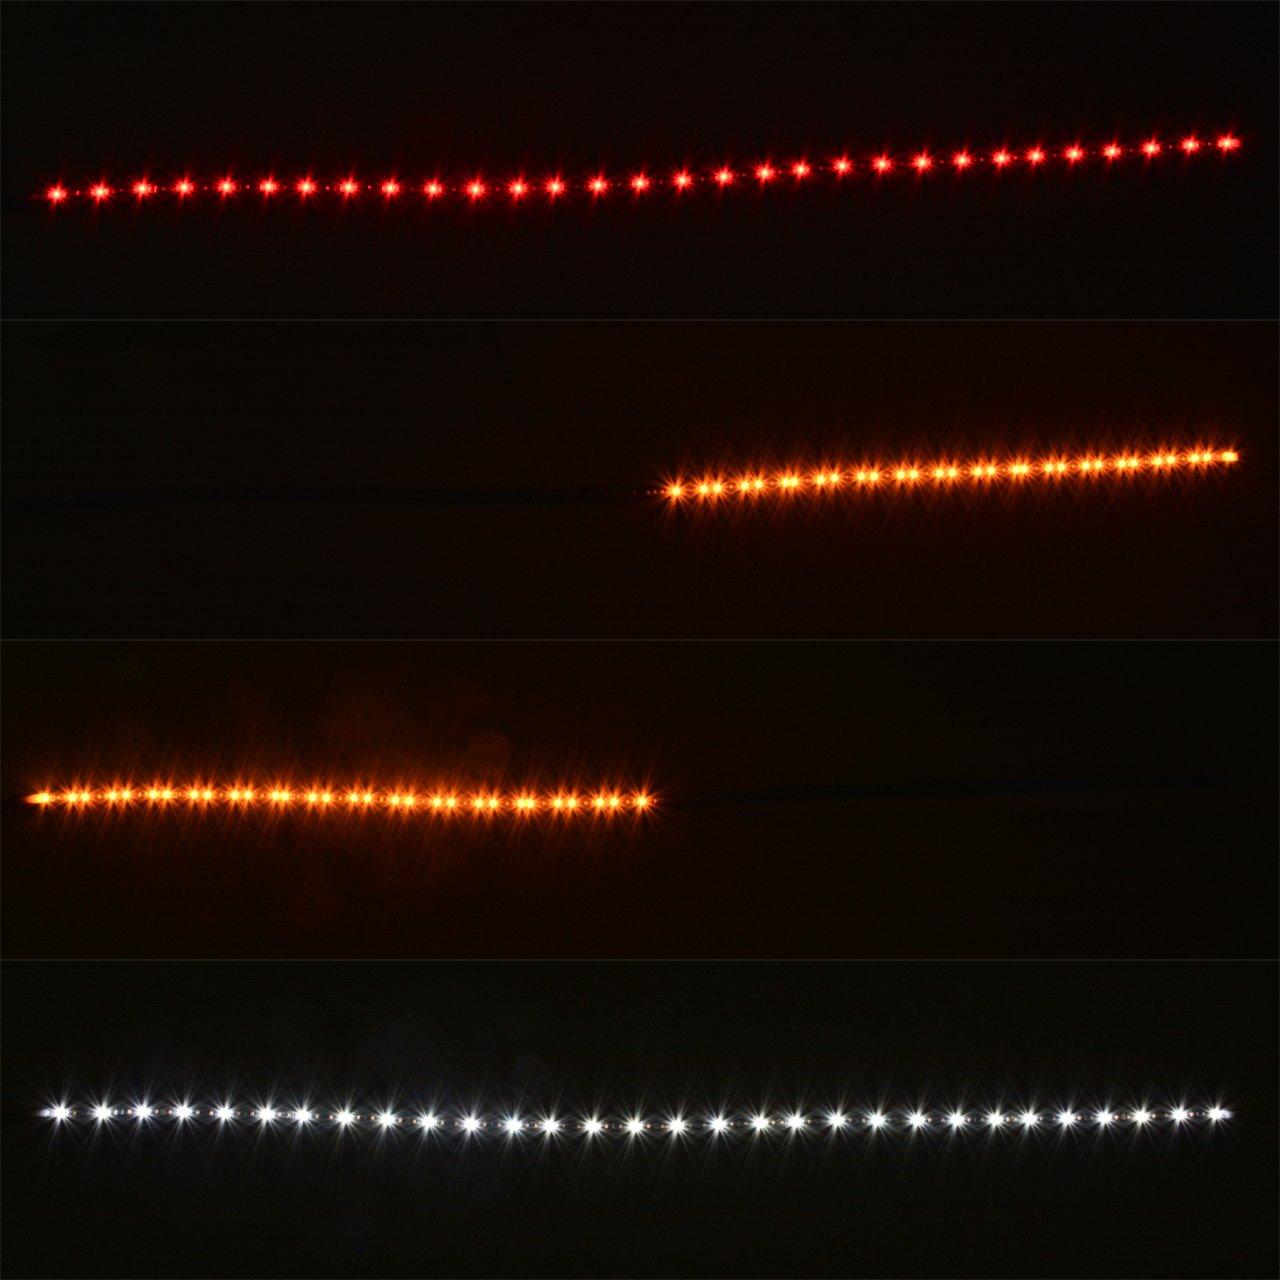 Katur 119,4cm LED Tailgate Barre lumineuse Rouge//blanc rsistant aux intempries Aluminium Rigide Camion Envers Course Frein Tour Signal pour SUV RV Ram Chevy